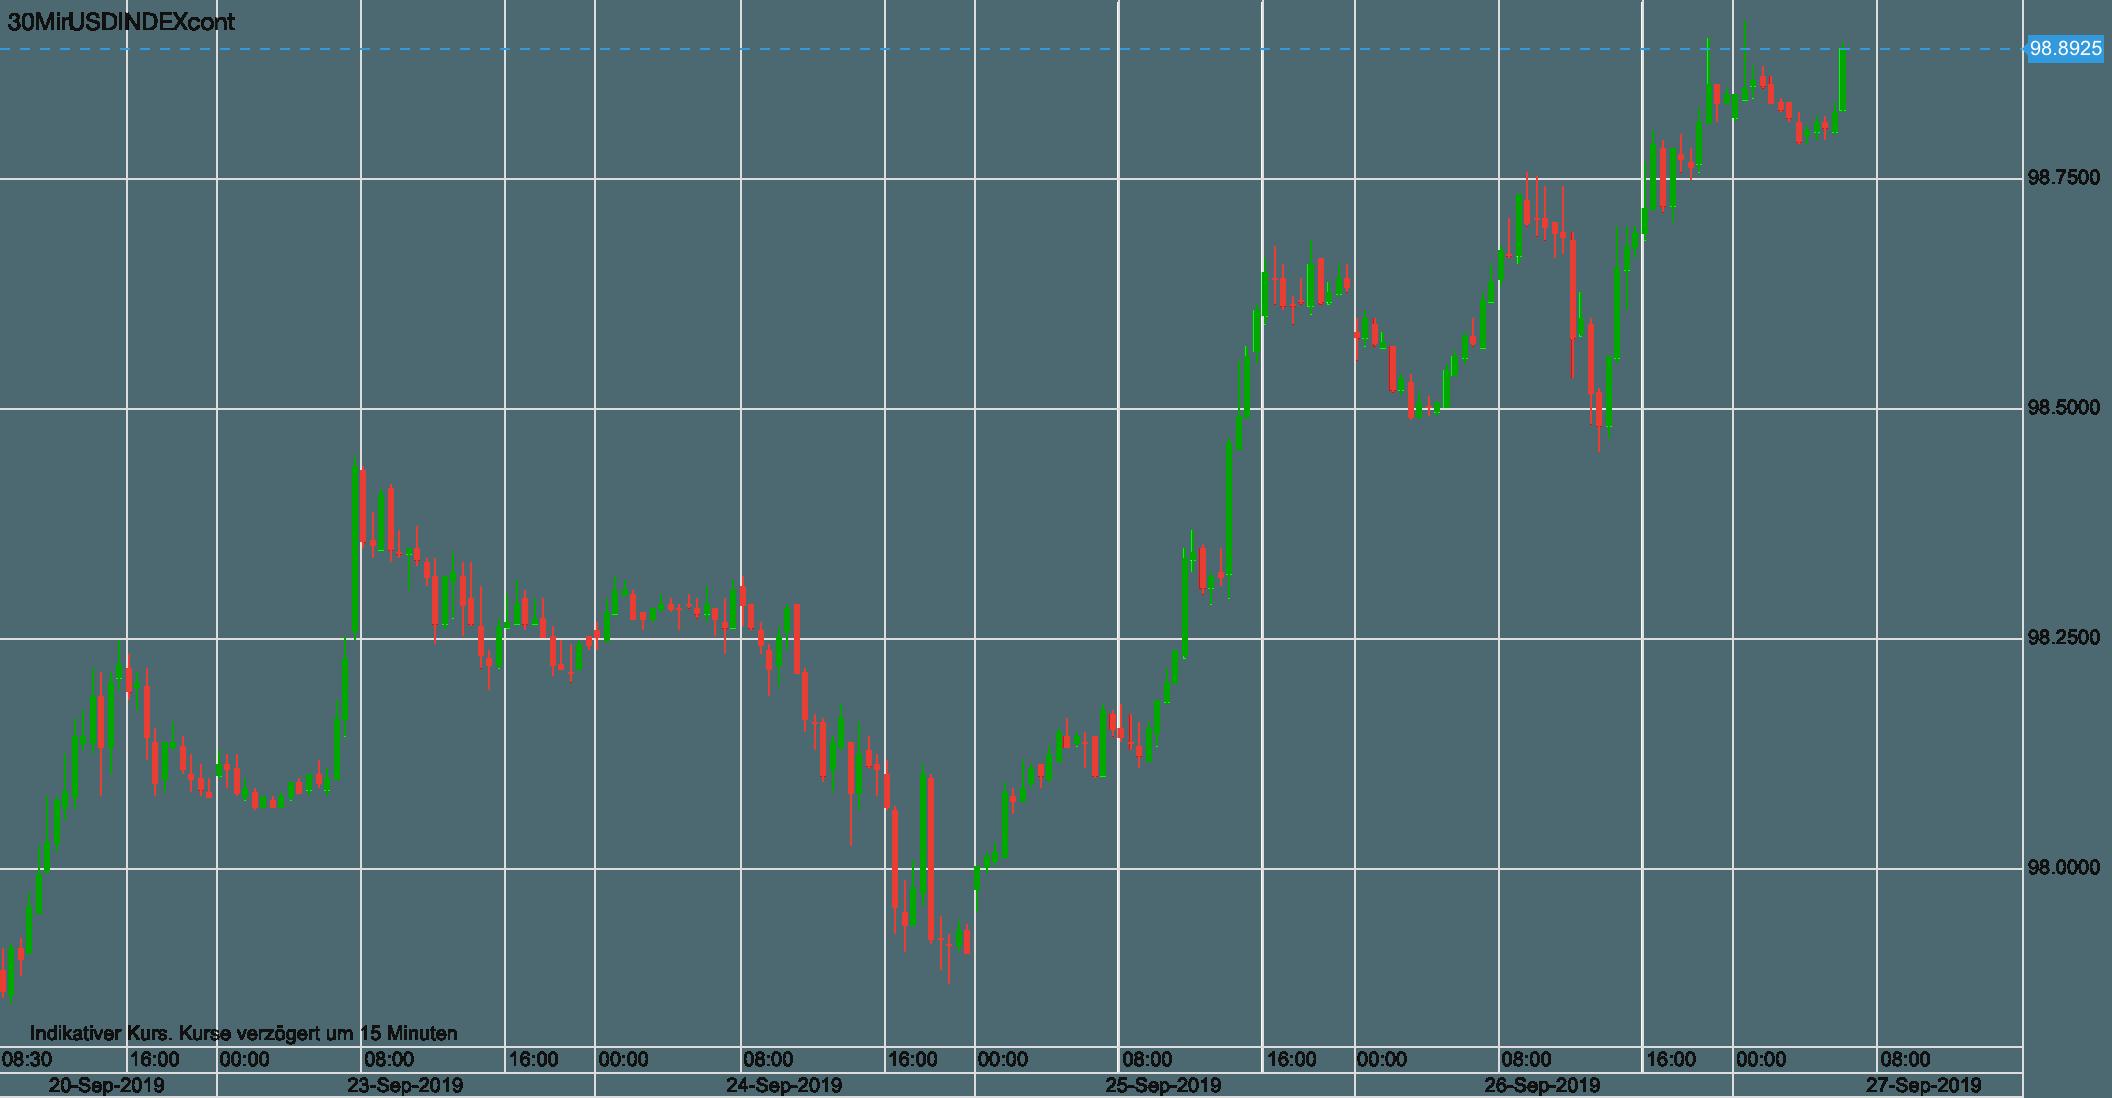 Dollar steigt, das schwächt natürlich automatisch den Euro